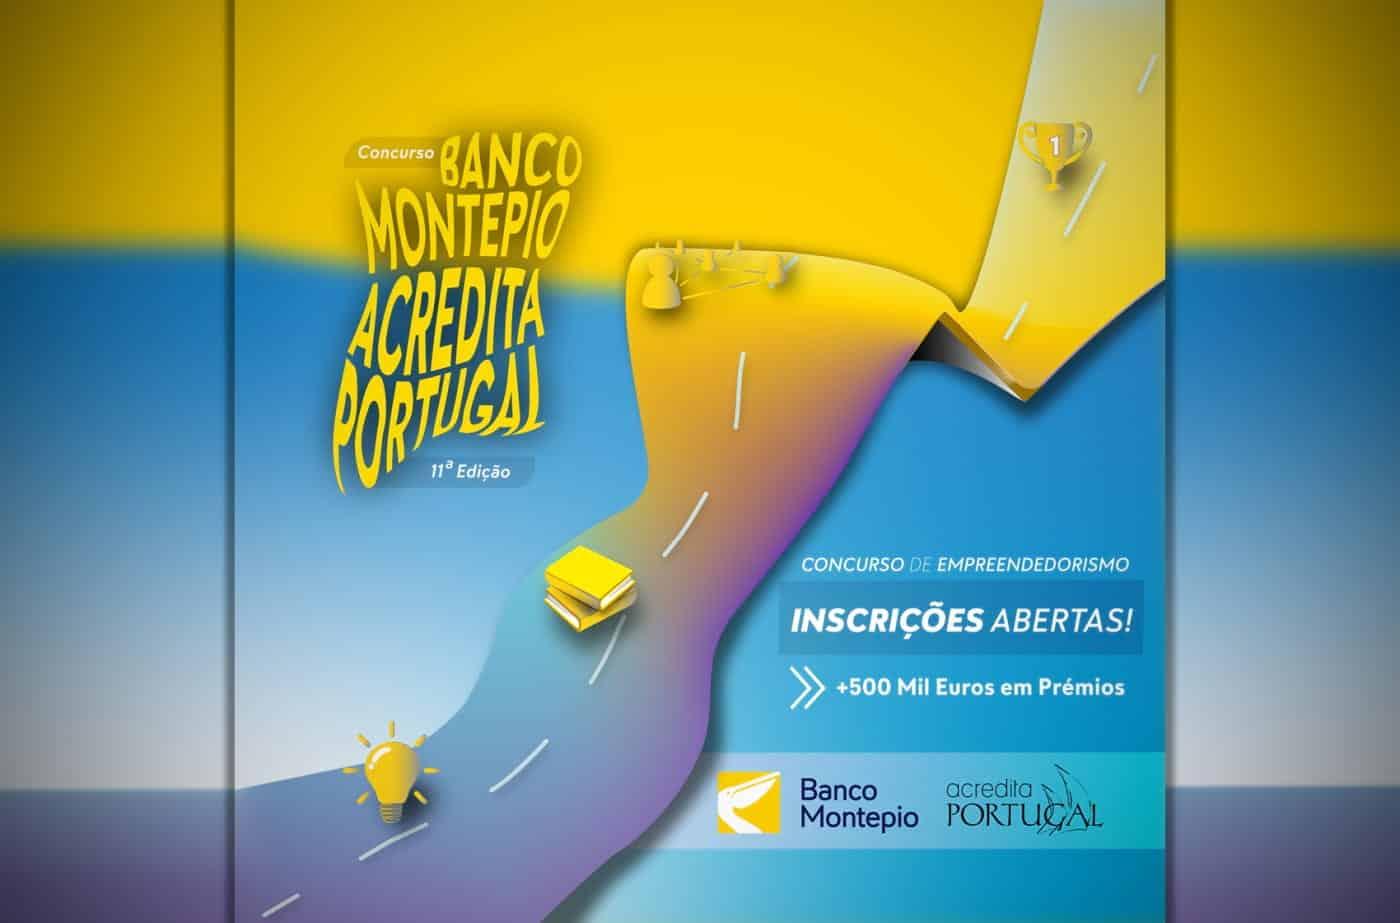 Concurso de Empreendedorismo Banco Montepio Acredita Portugal